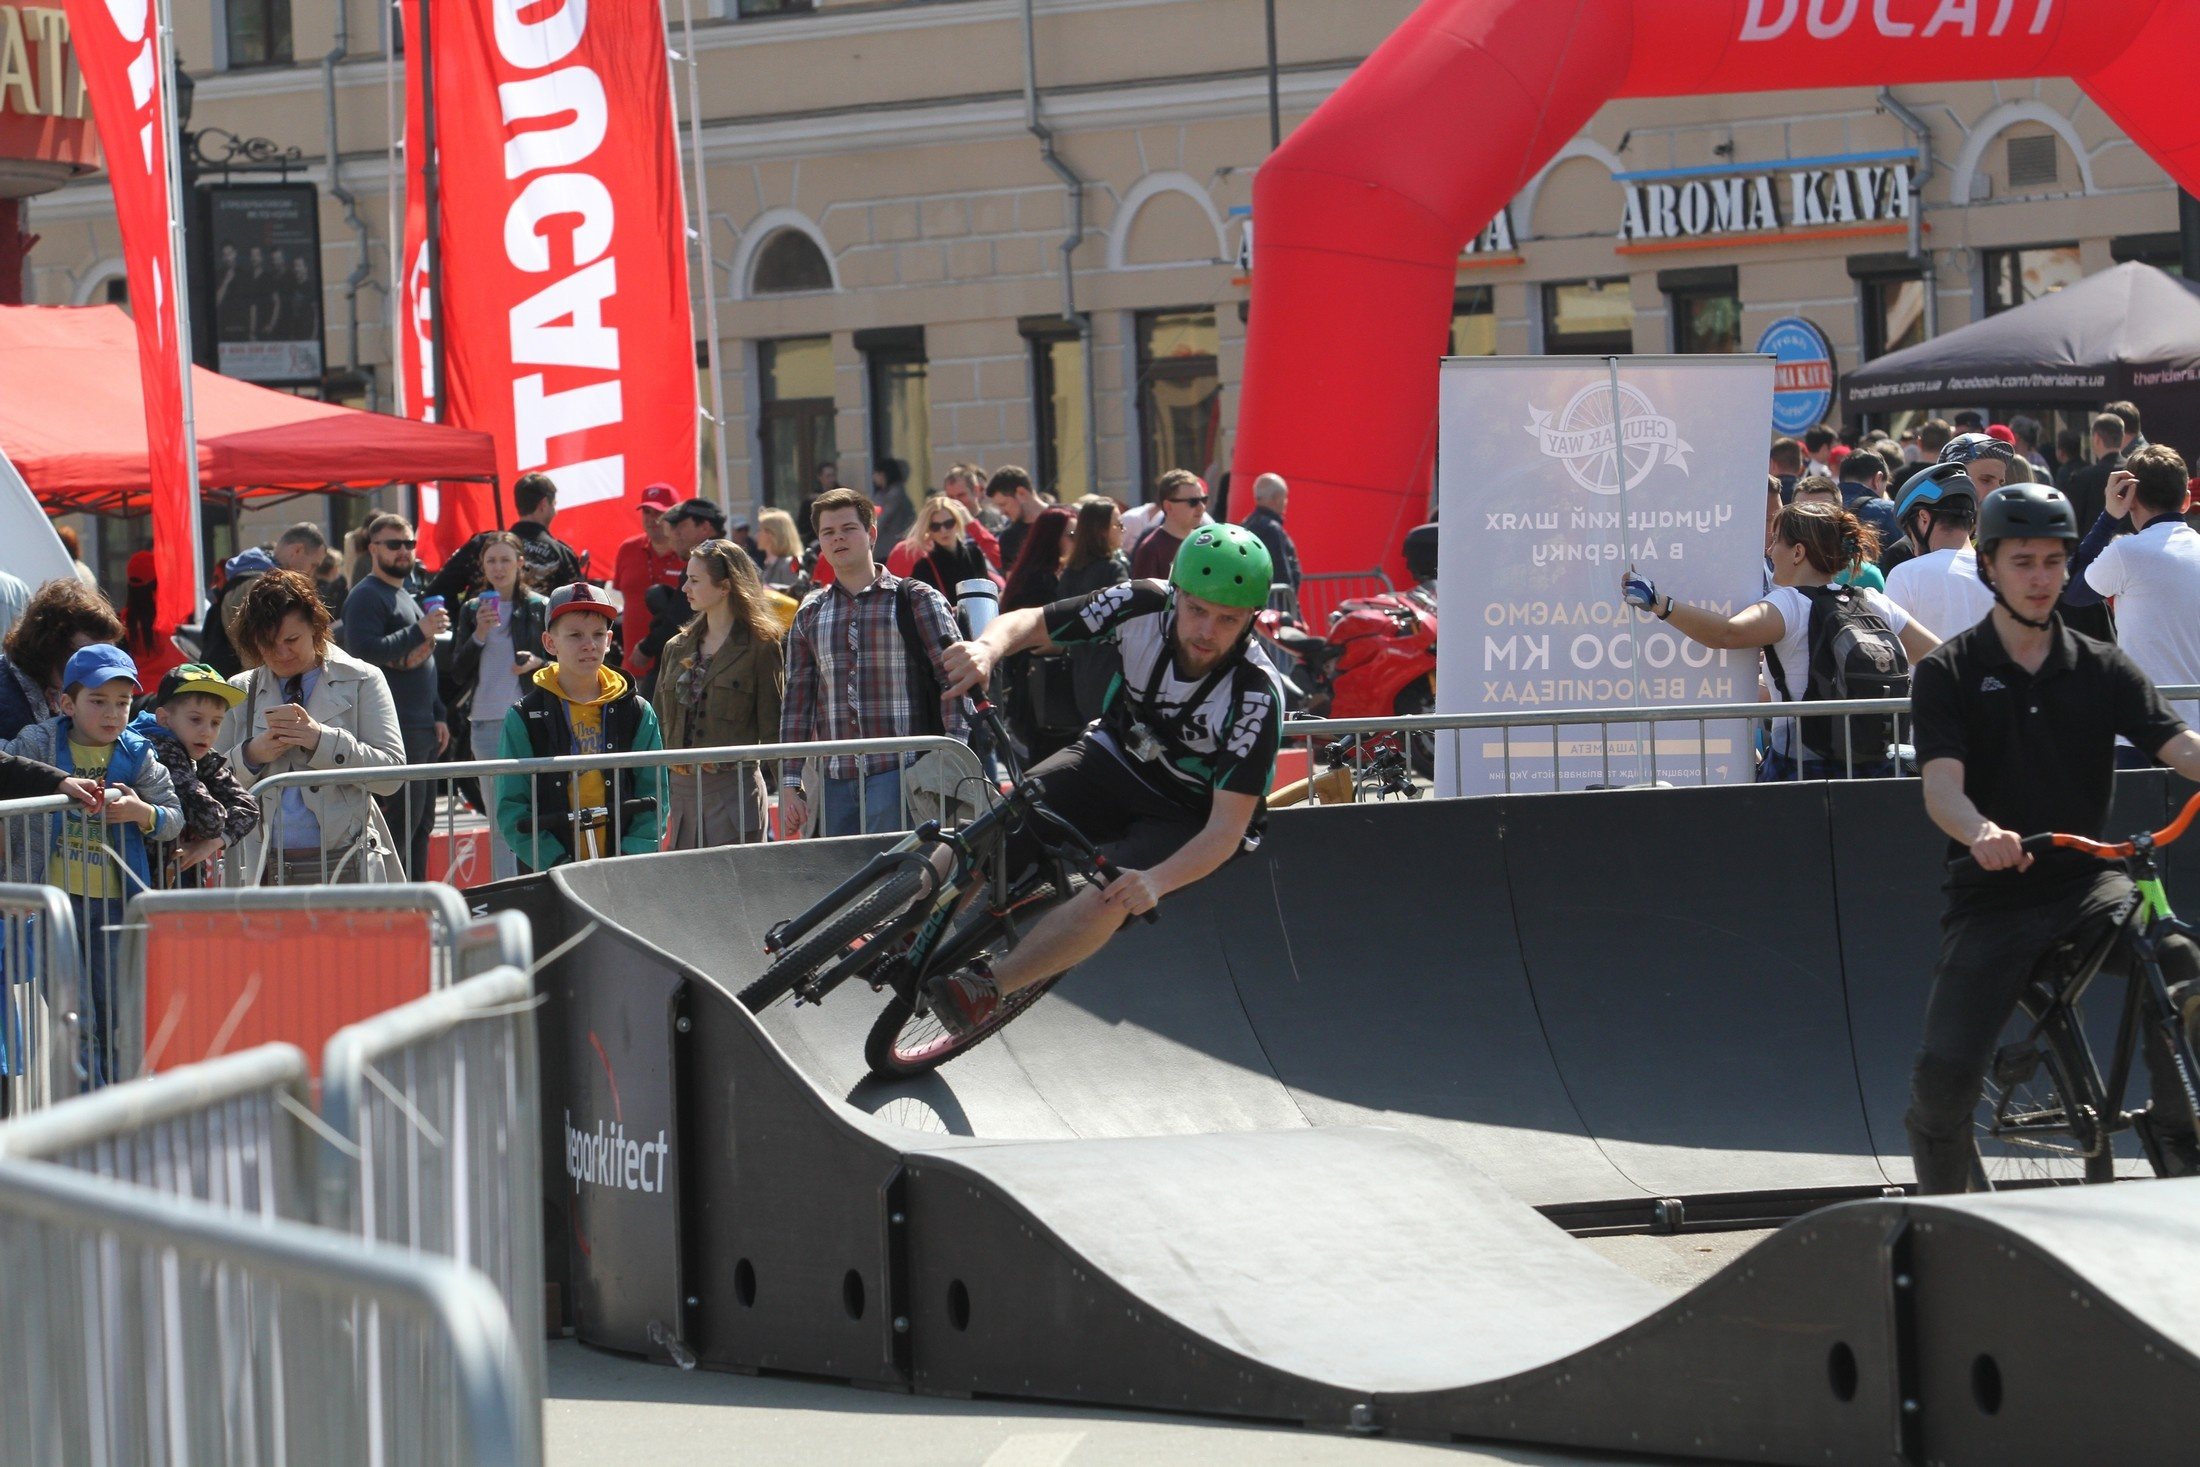 v-kieve-sostoyalsya-festival-kyiv-drive-day-4